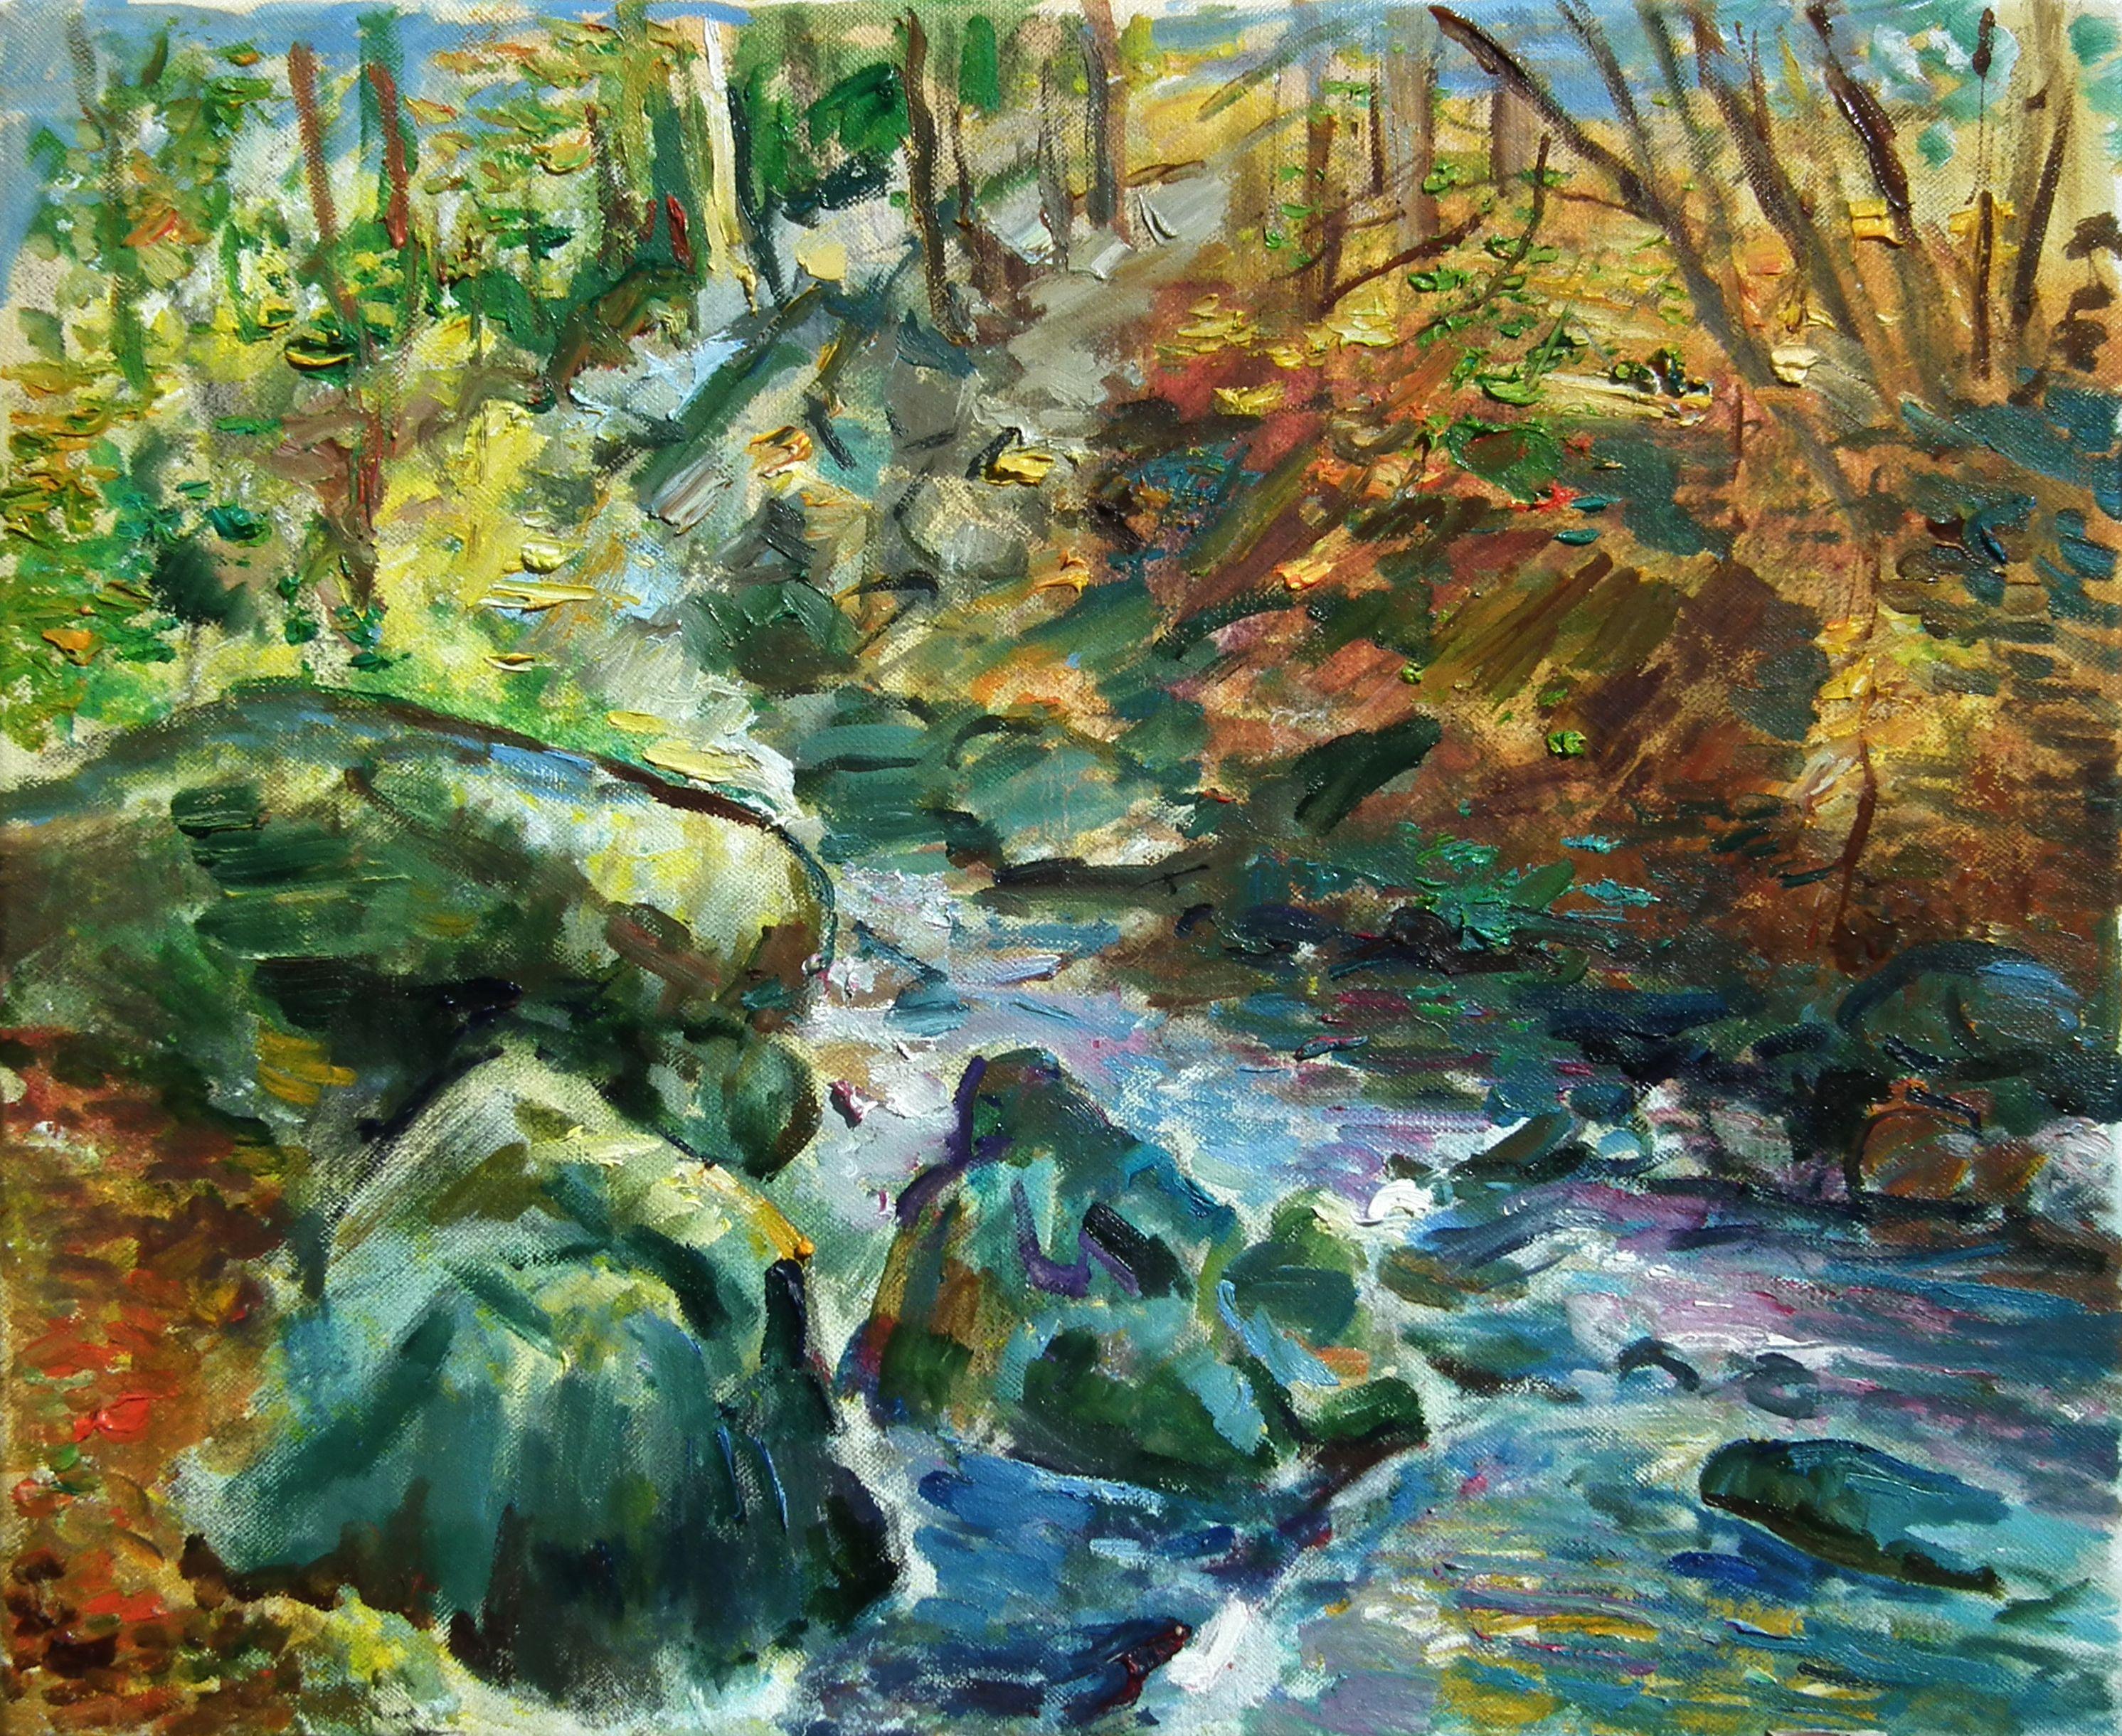 Très Riviere, richers, cascades, foret, forêt, automne, feuilles mortes  VZ46